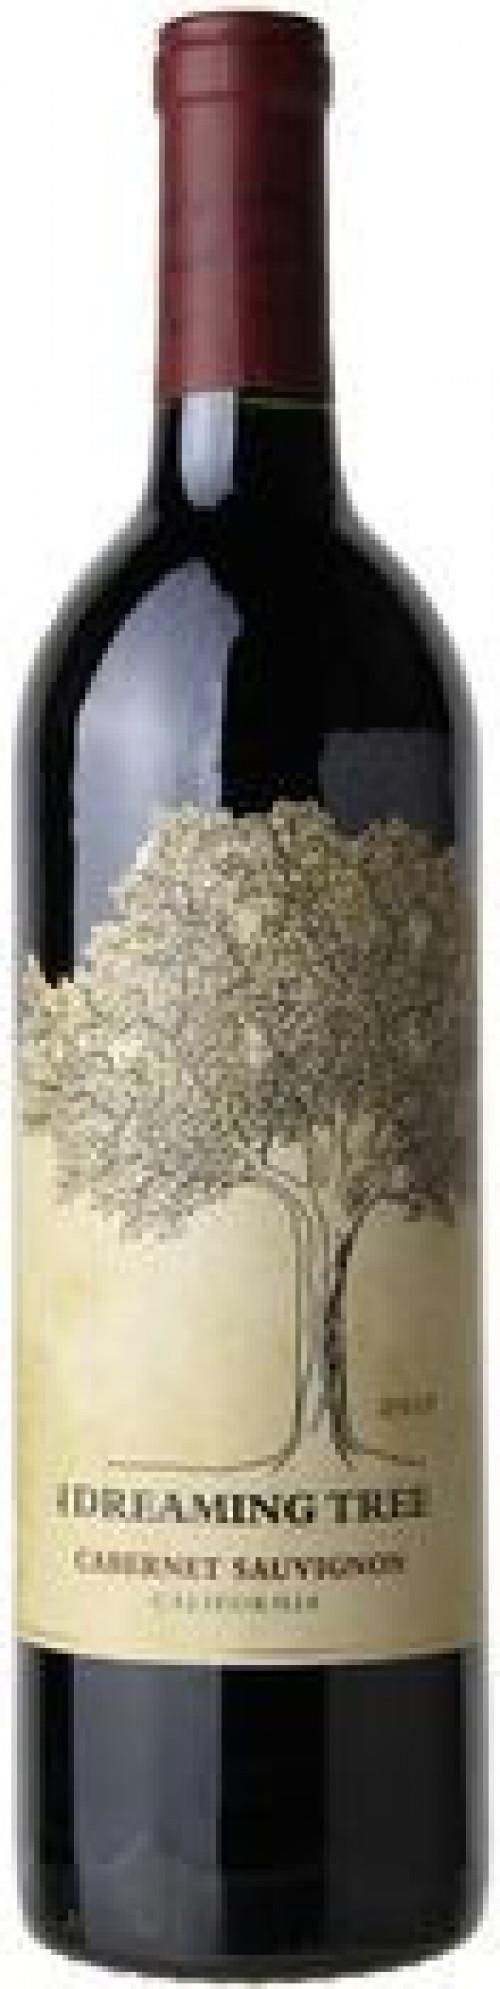 Dreaming Tree Cabernet Sauvignon 750ml